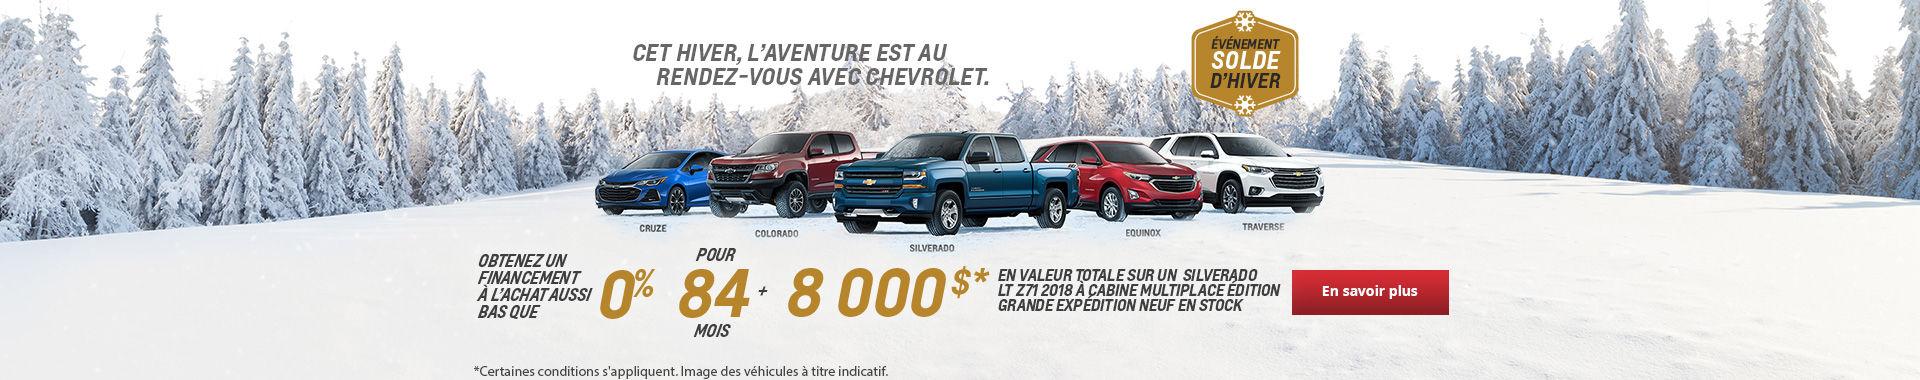 Concessionnaires De Vhicules Chevrolet Cadillac Neufs Et Usags